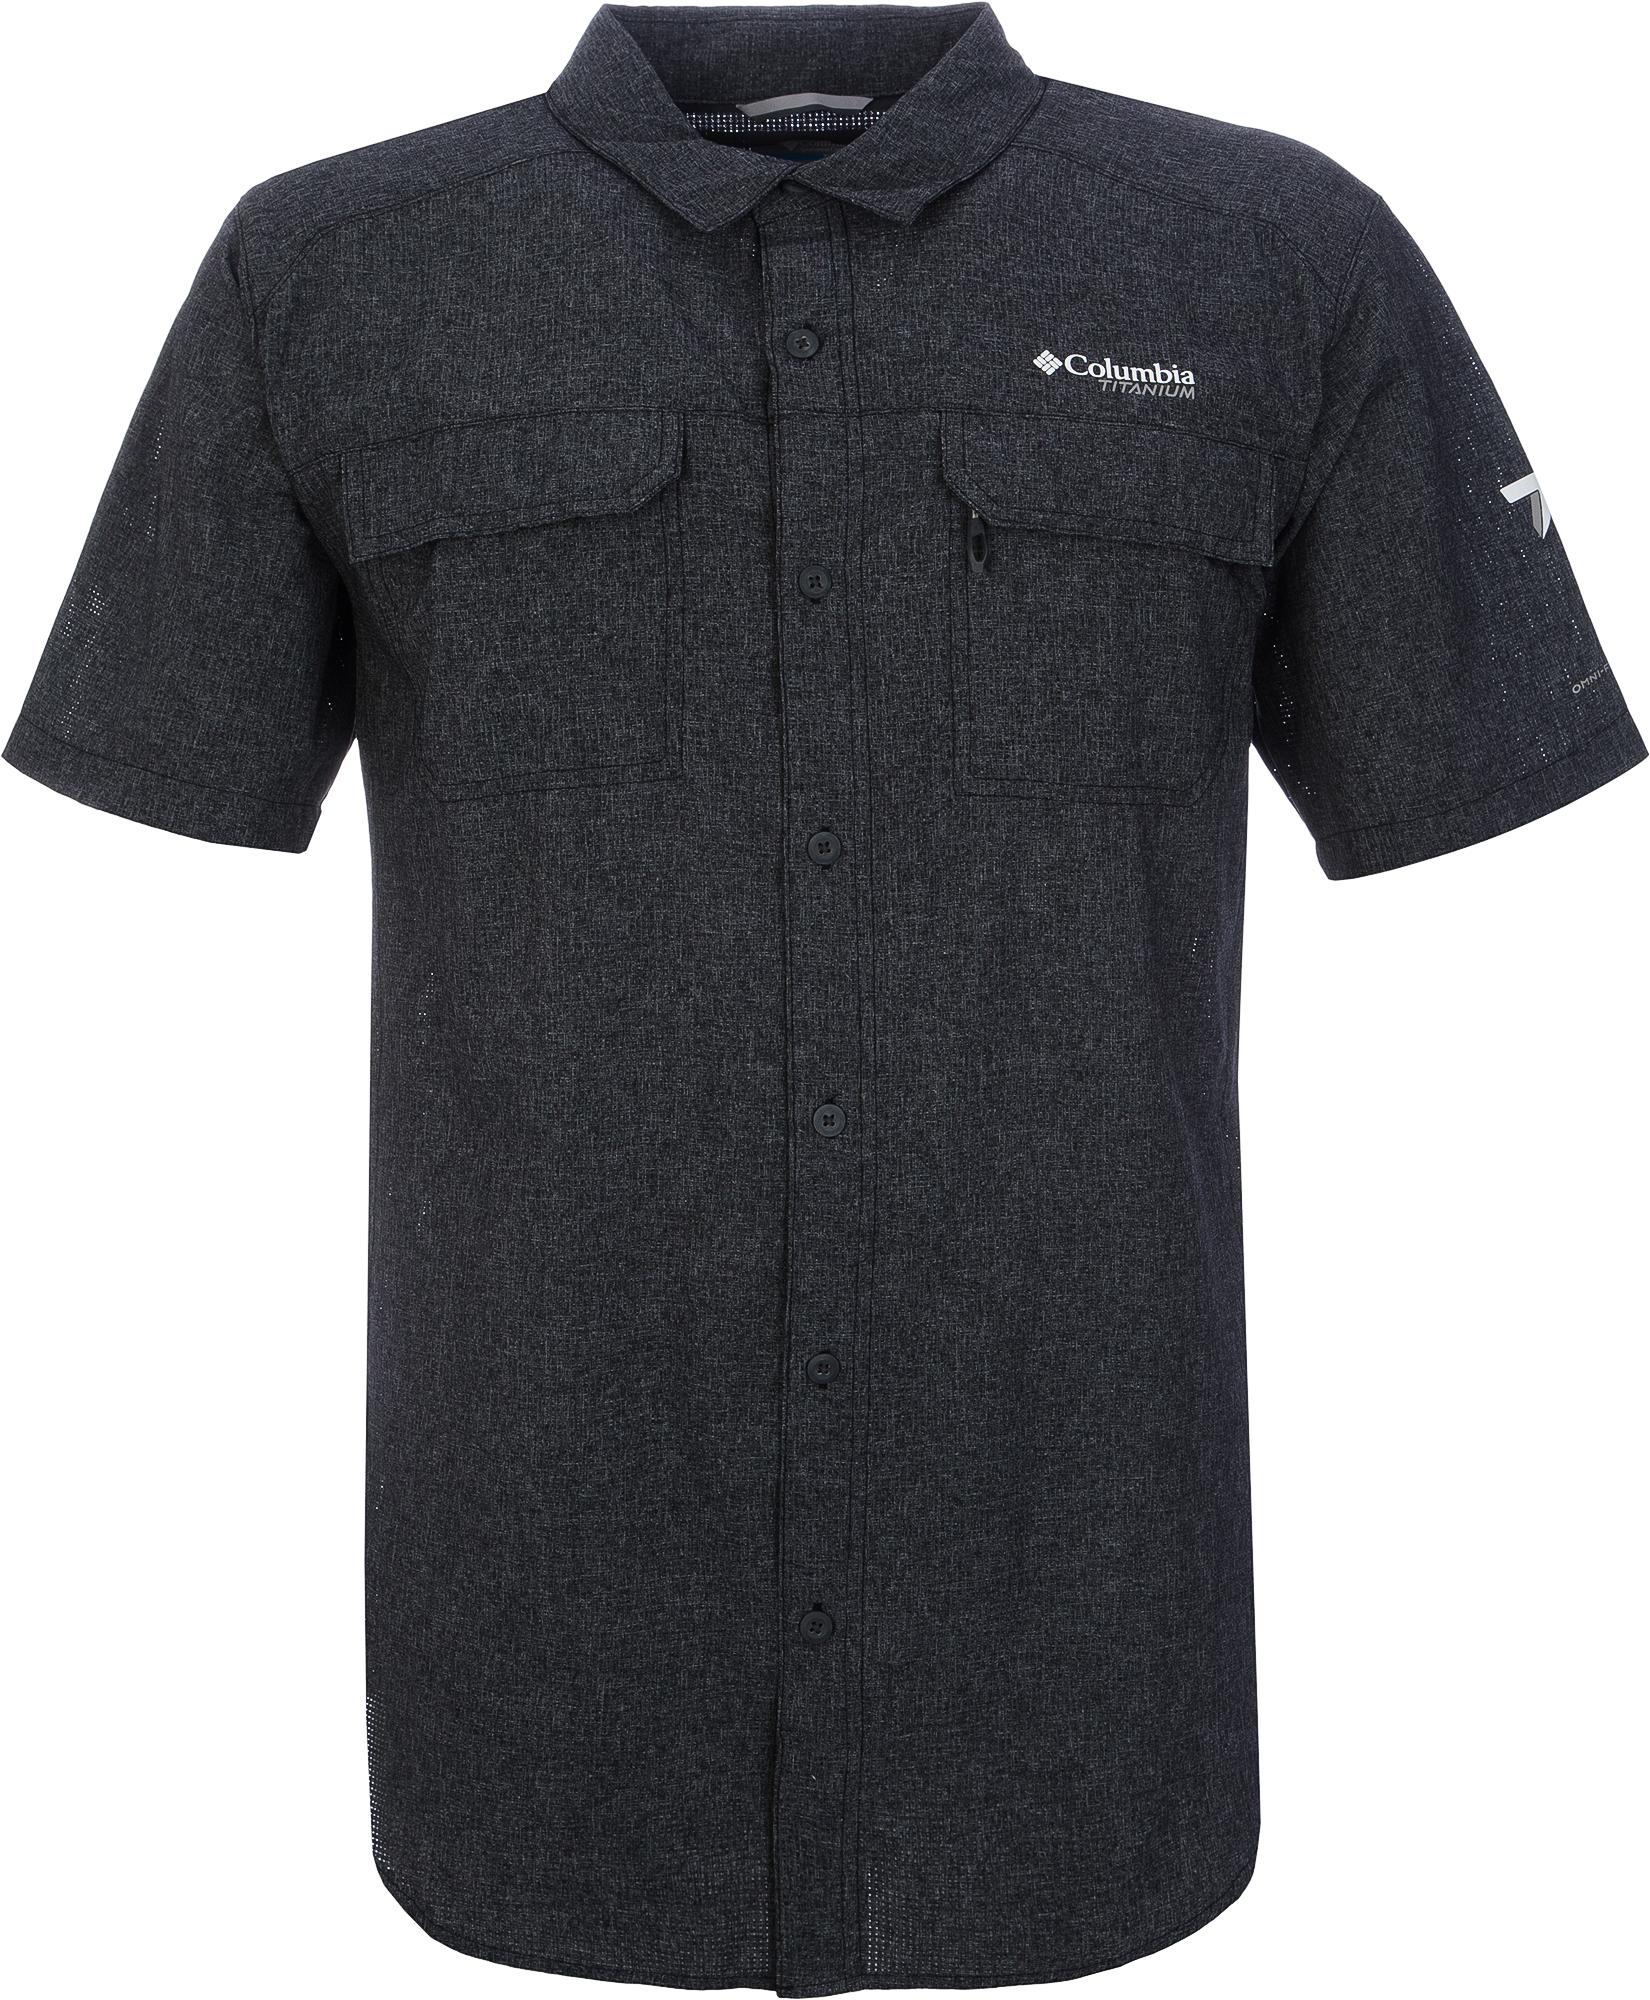 цена на Columbia Рубашка мужская Columbia Irico, размер 56-58